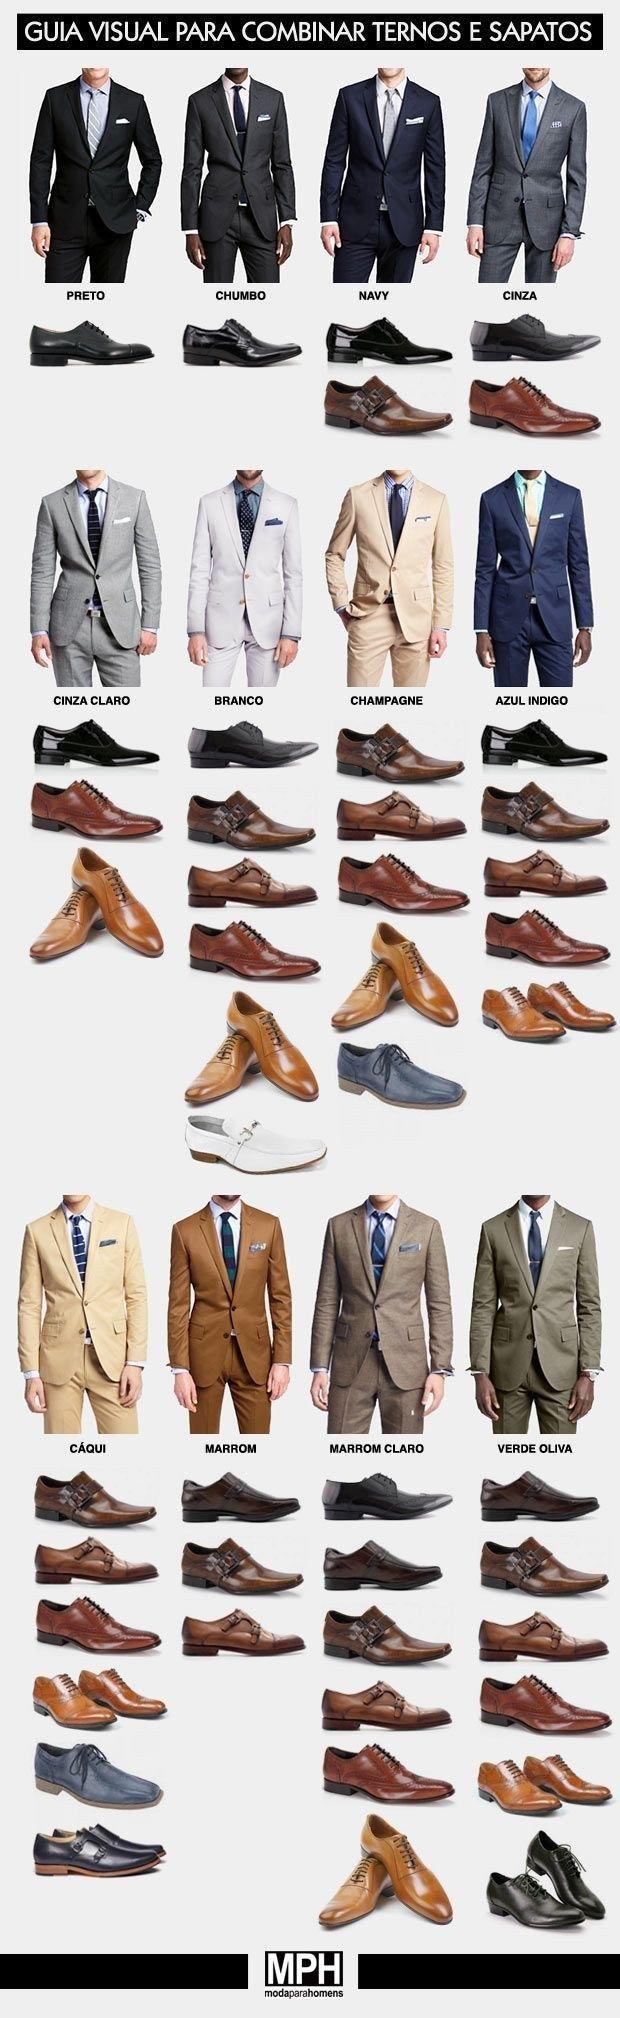 Как подобрать мужскую обувь работа для девушек в москве с ежедневной оплатой